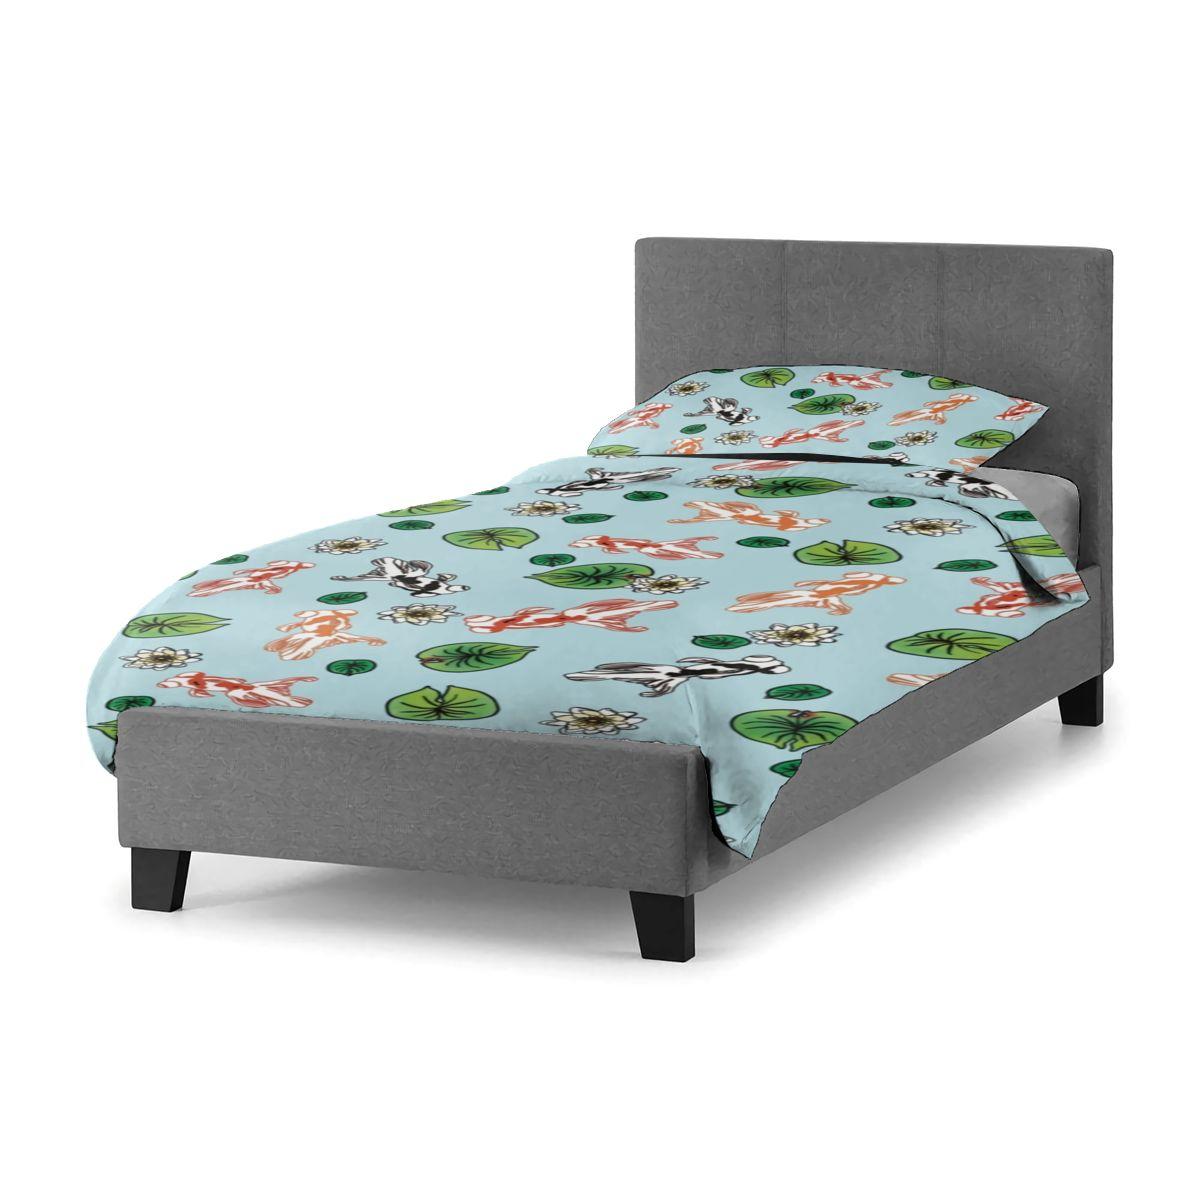 طقم سرير Kingyo بالجملة أغطية سرير ناعمة مجموعة أغطية سرير الحدث